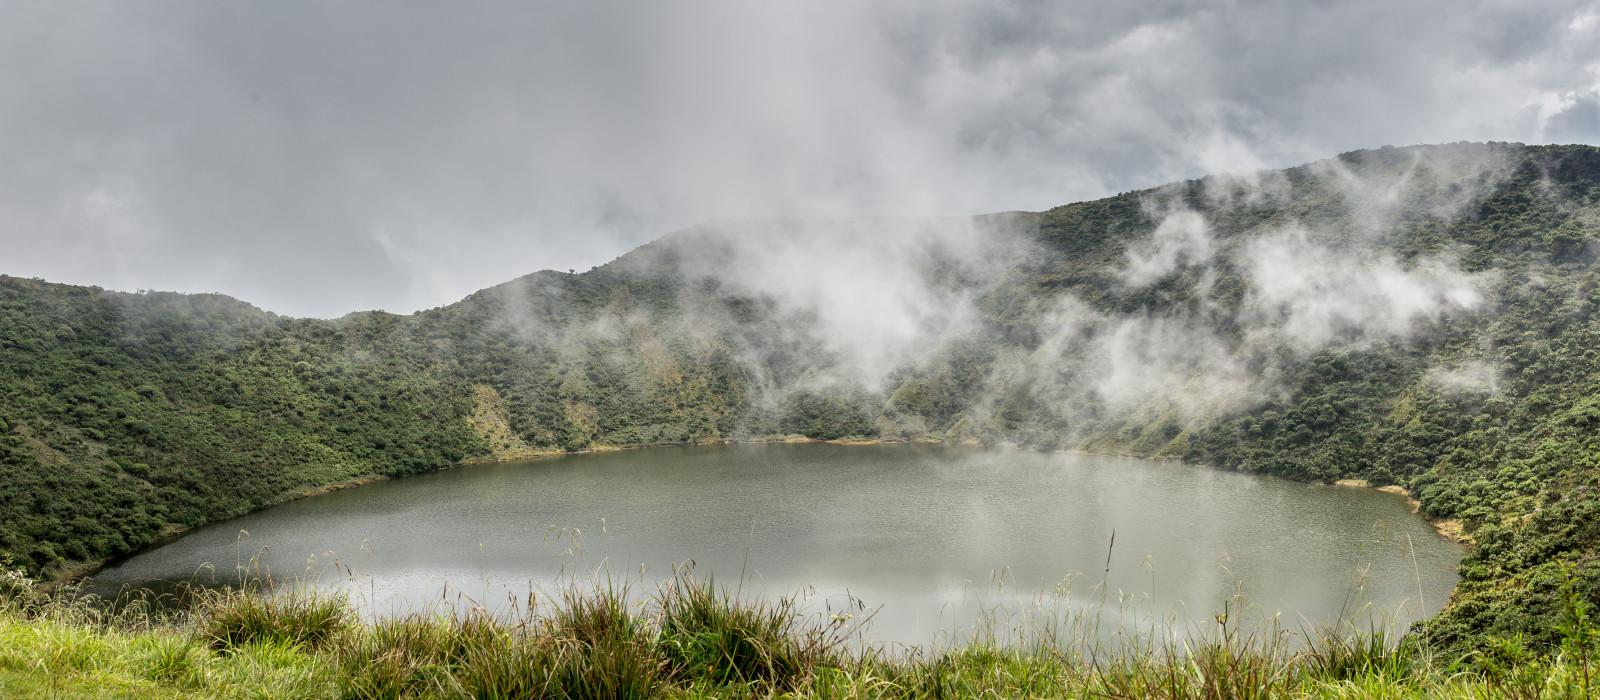 ee im Inneren Bisoke Vulkankrater, Virunga Nationalpark Vulkan, Ruanda